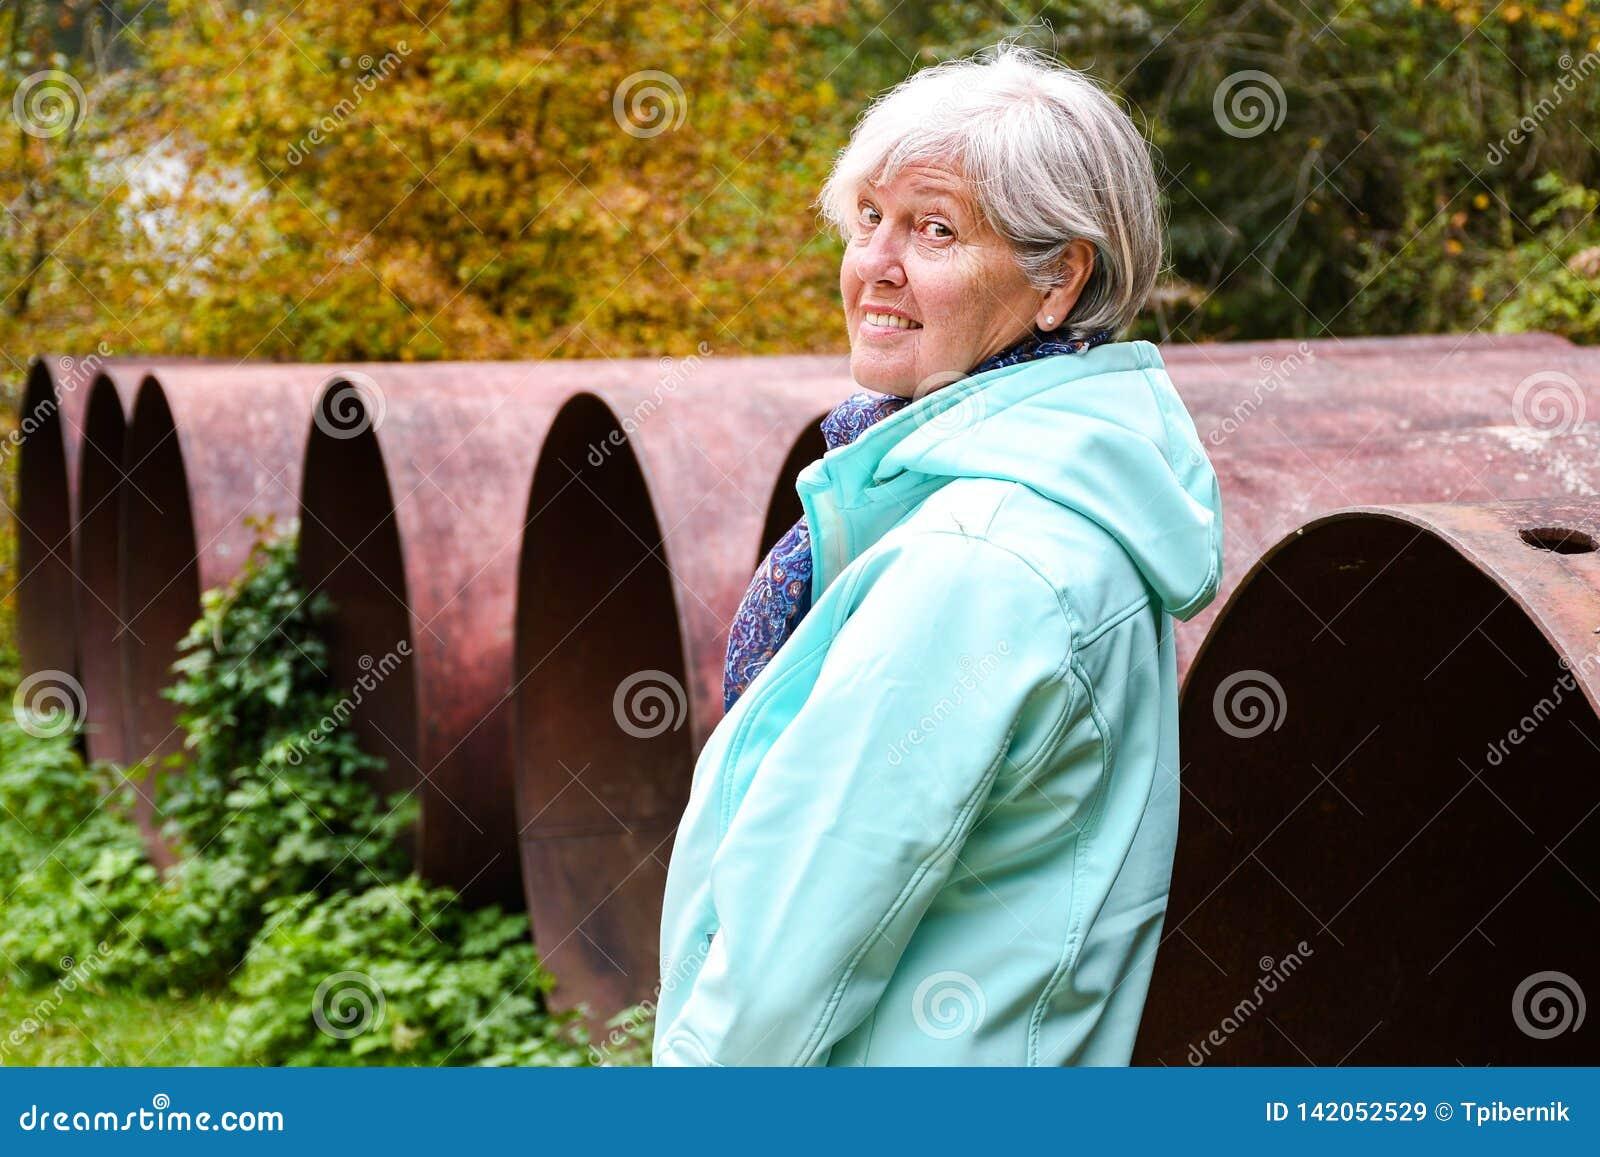 Μέση ηλικίας γυναίκα που στέκεται υπαίθρια το φθινόπωρο κοντά στους μεγάλους παλαιούς σωλήνες κατασκευής γεύματος